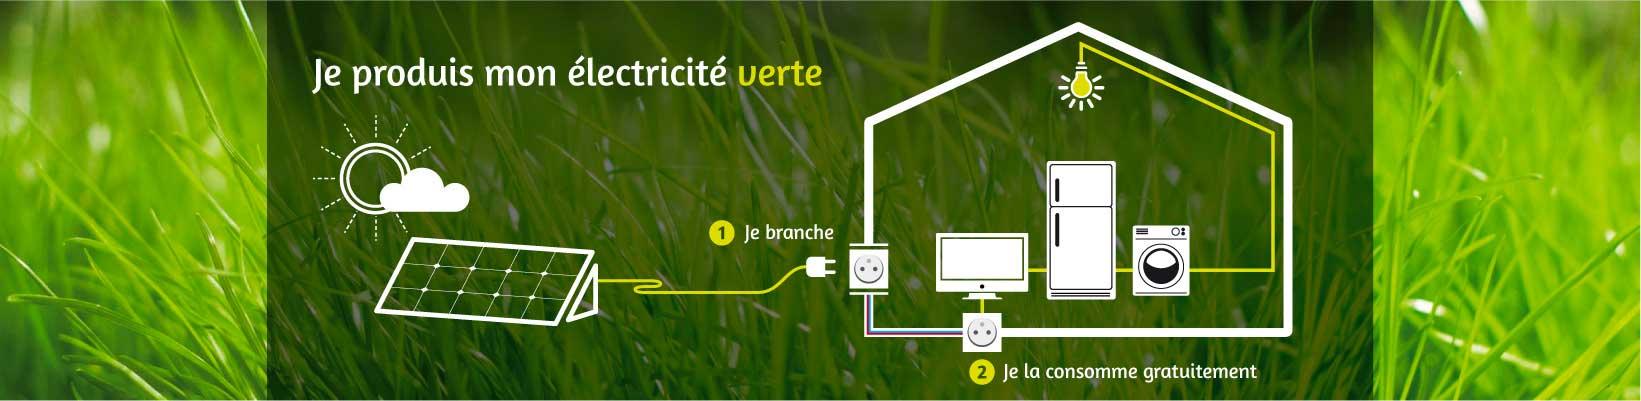 Je produis vert - Kit solaire autoconsommation